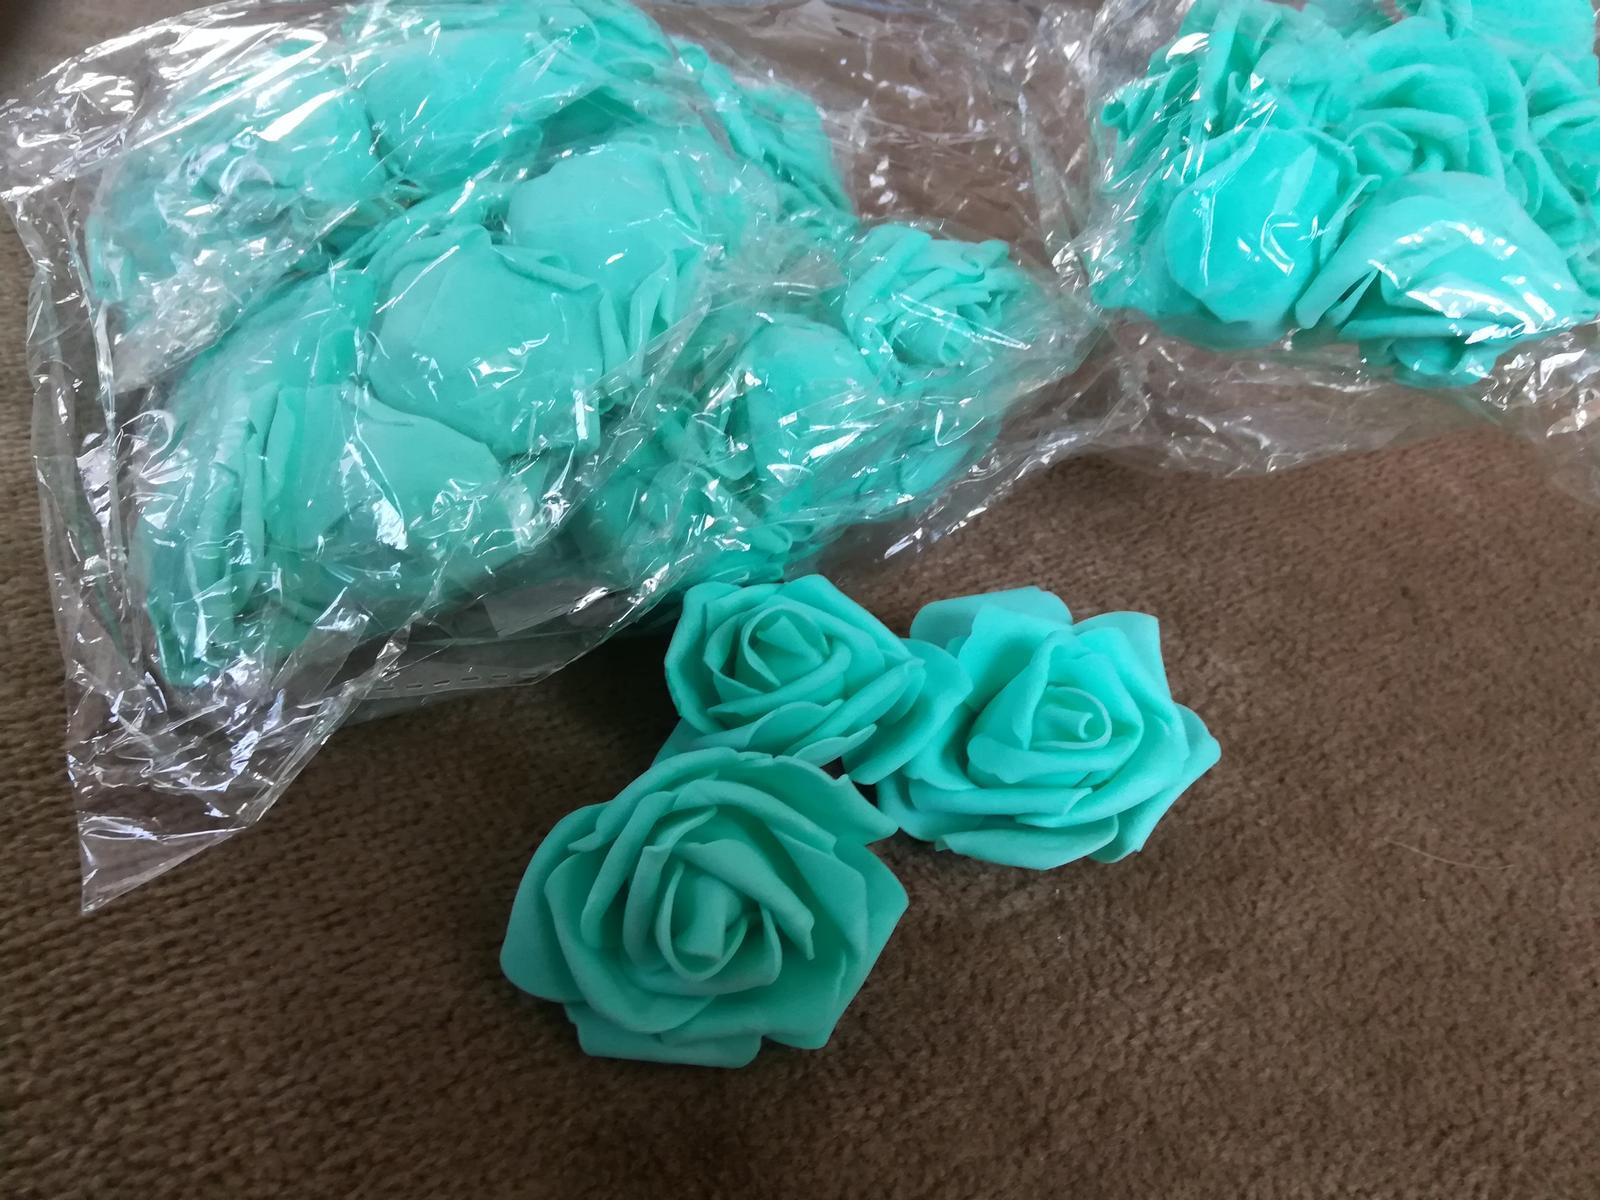 Penovy kvet ruze -  tyrkysova 16 Ks - Obrázek č. 1